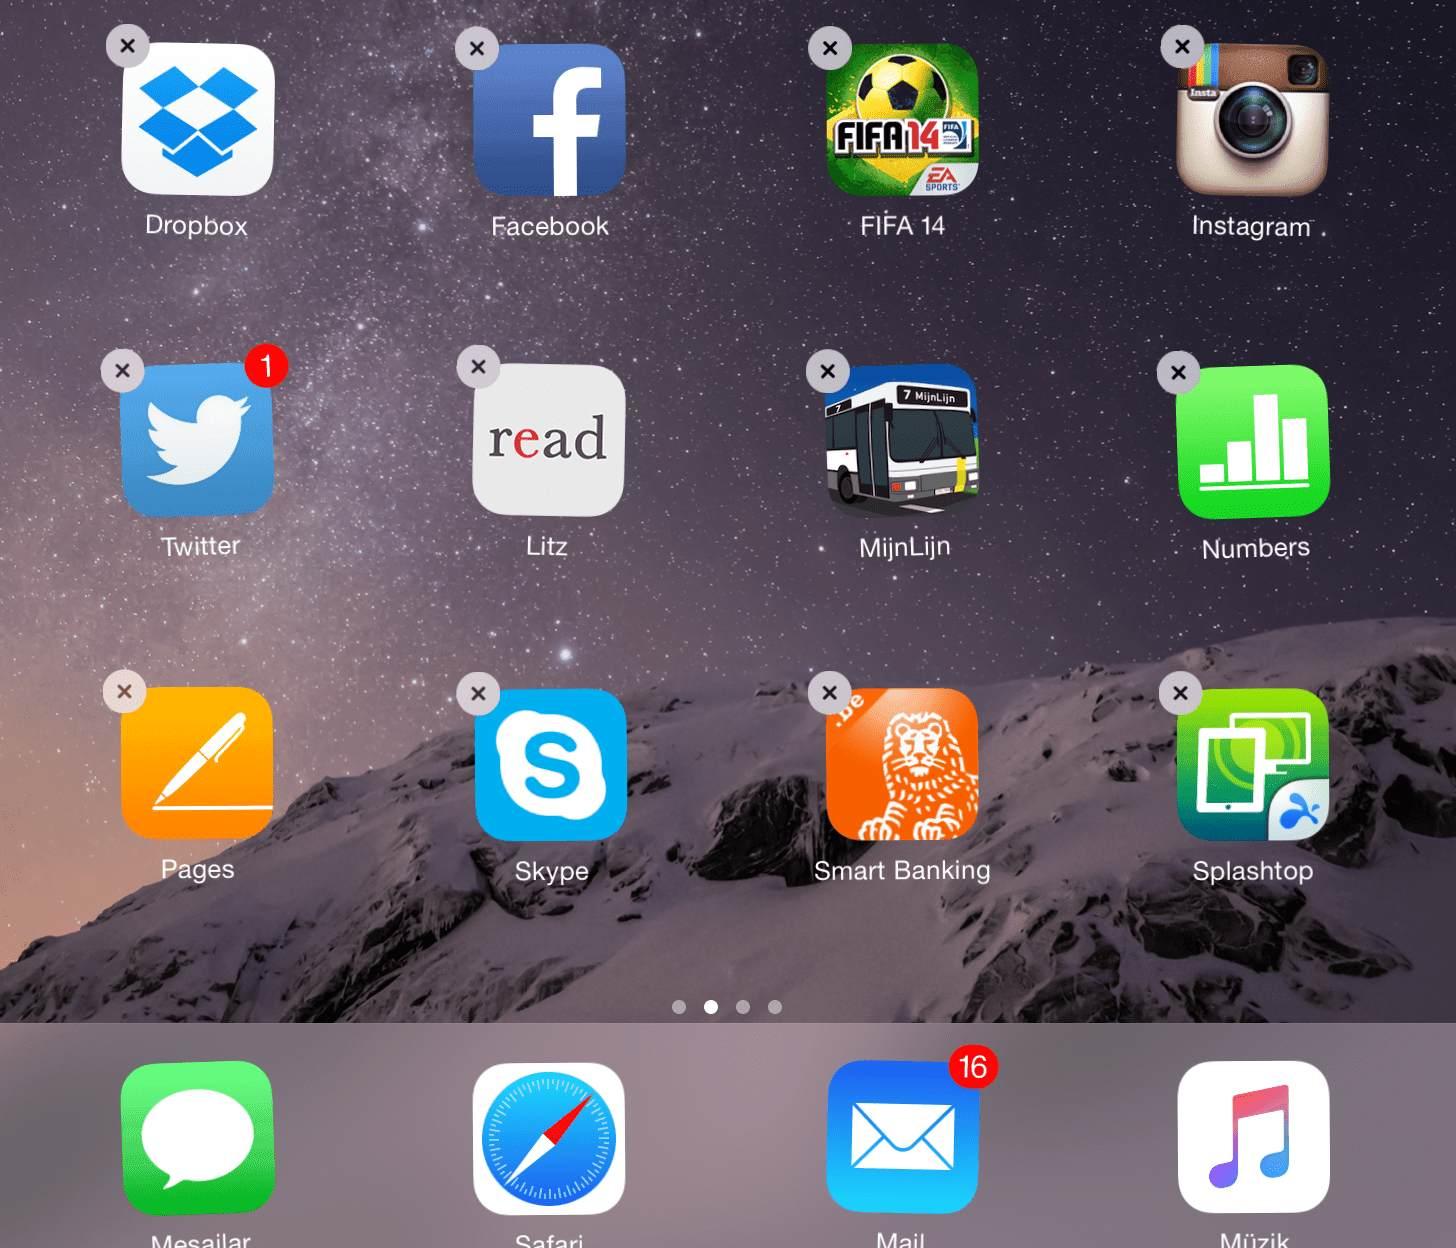 iPad ve iPhone'da Klasör Oluşturmak, Silmek ve Klasörleri Yeniden Adlandırmak